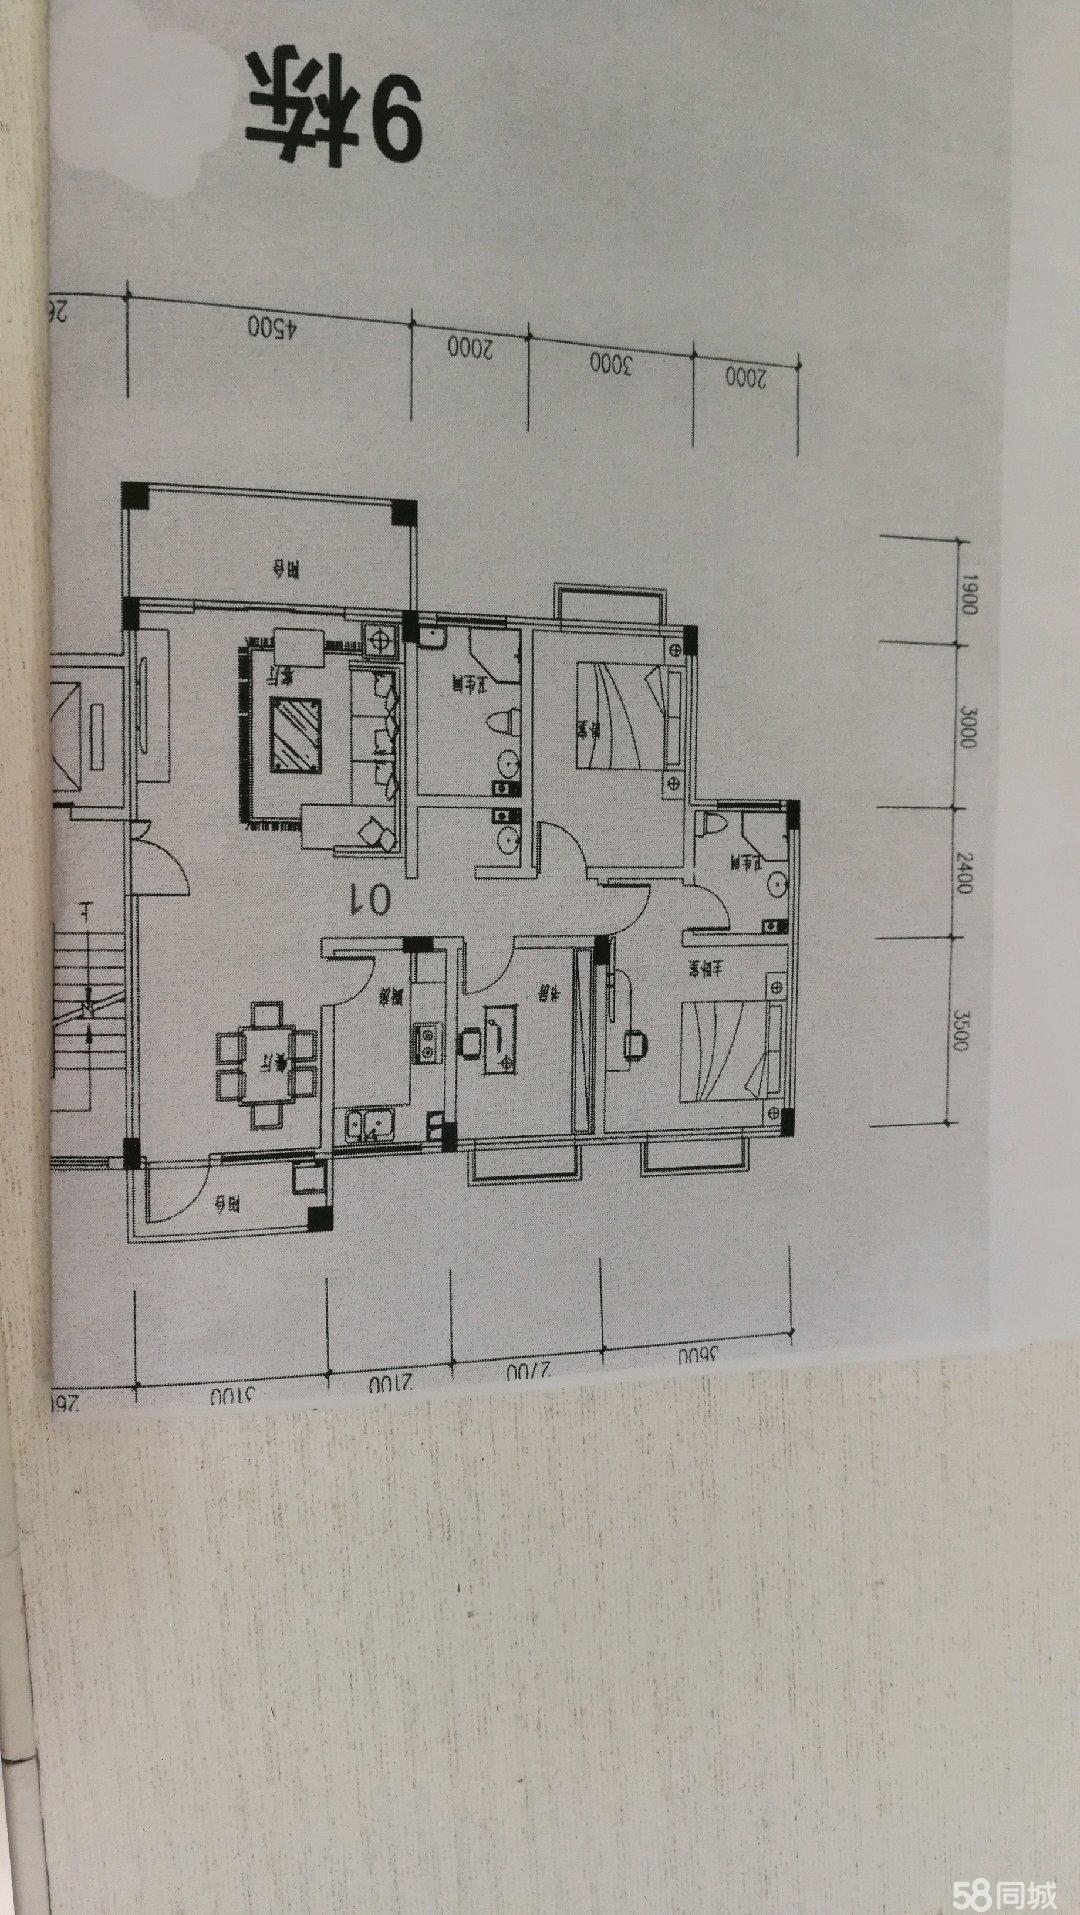 间间通风,无黑房暗房,4.5米大开间客厅